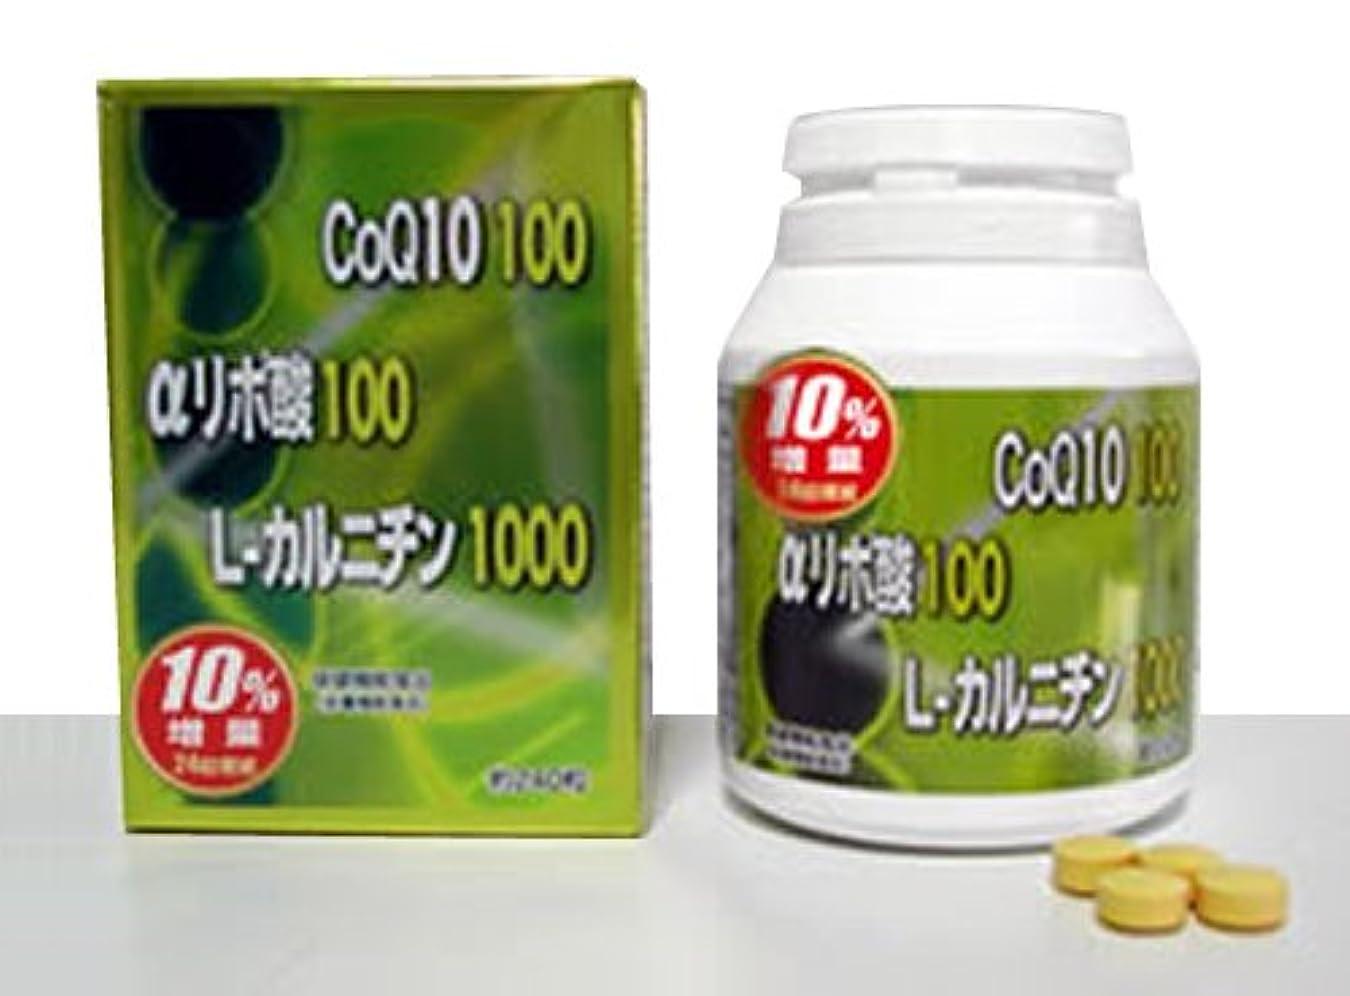 同時へこみ推定10%増量 CoQ10 100?αリポ酸 100?L-カルニチン 1000